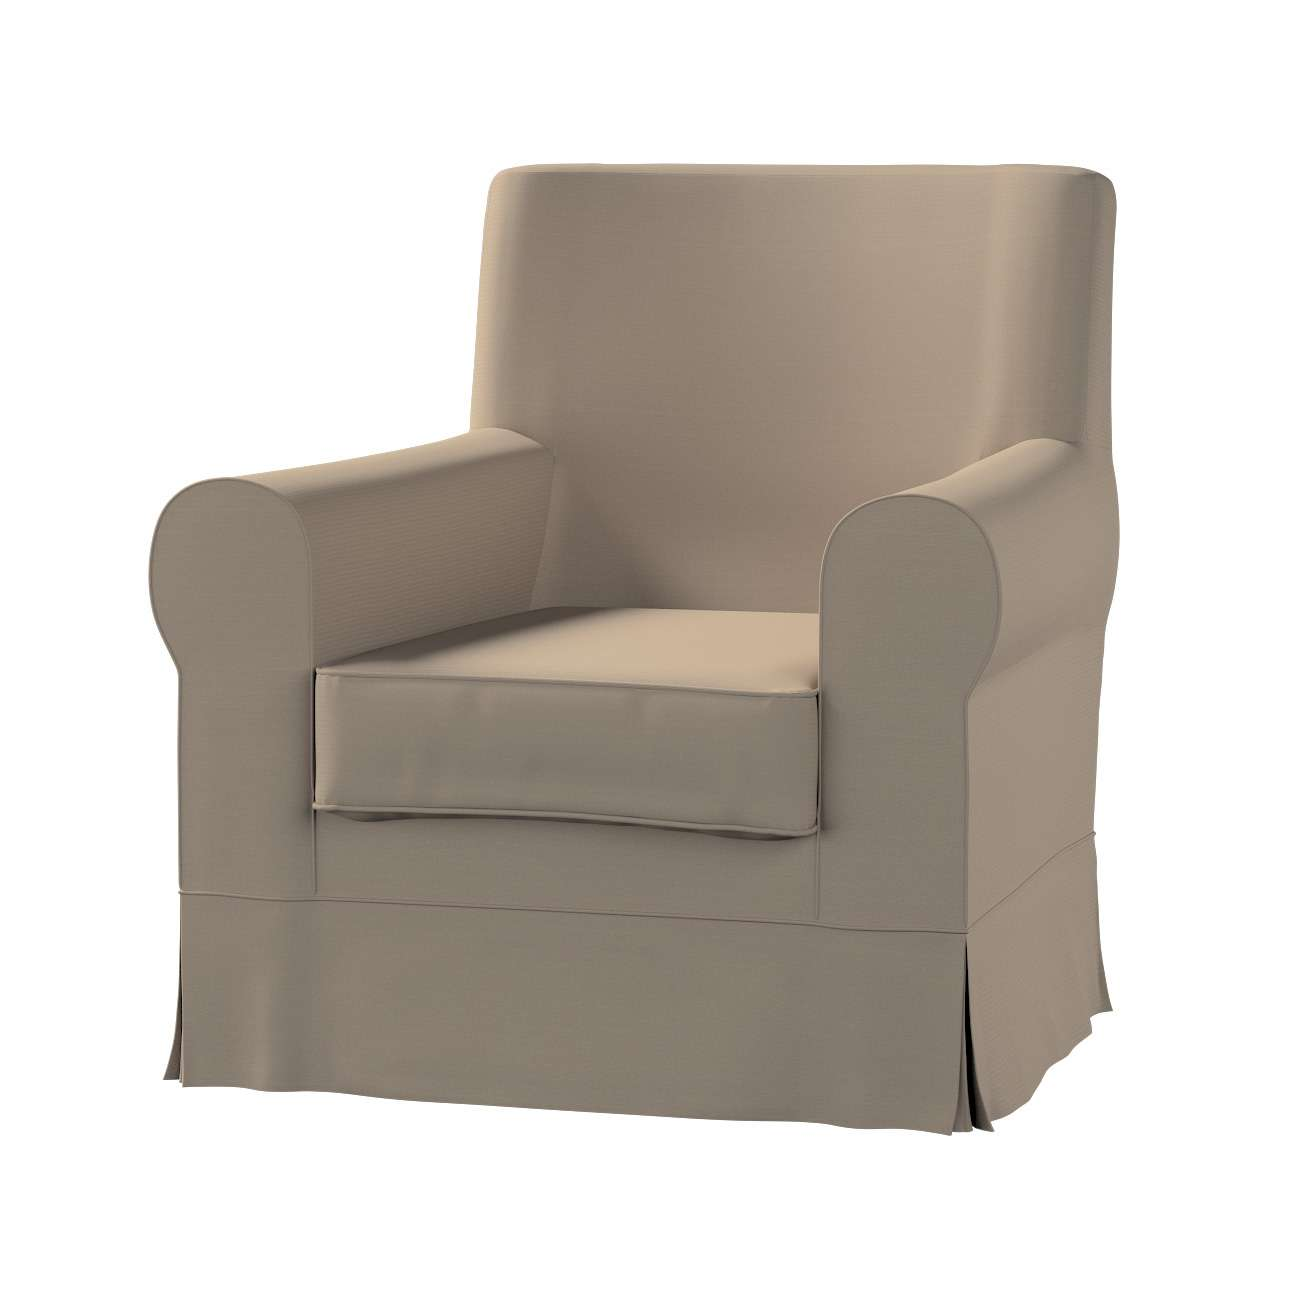 EKTORP JENNYLUND fotelio užvalkalas Ektorp Jennylund fotelio užvalkalas kolekcijoje Cotton Panama, audinys: 702-28